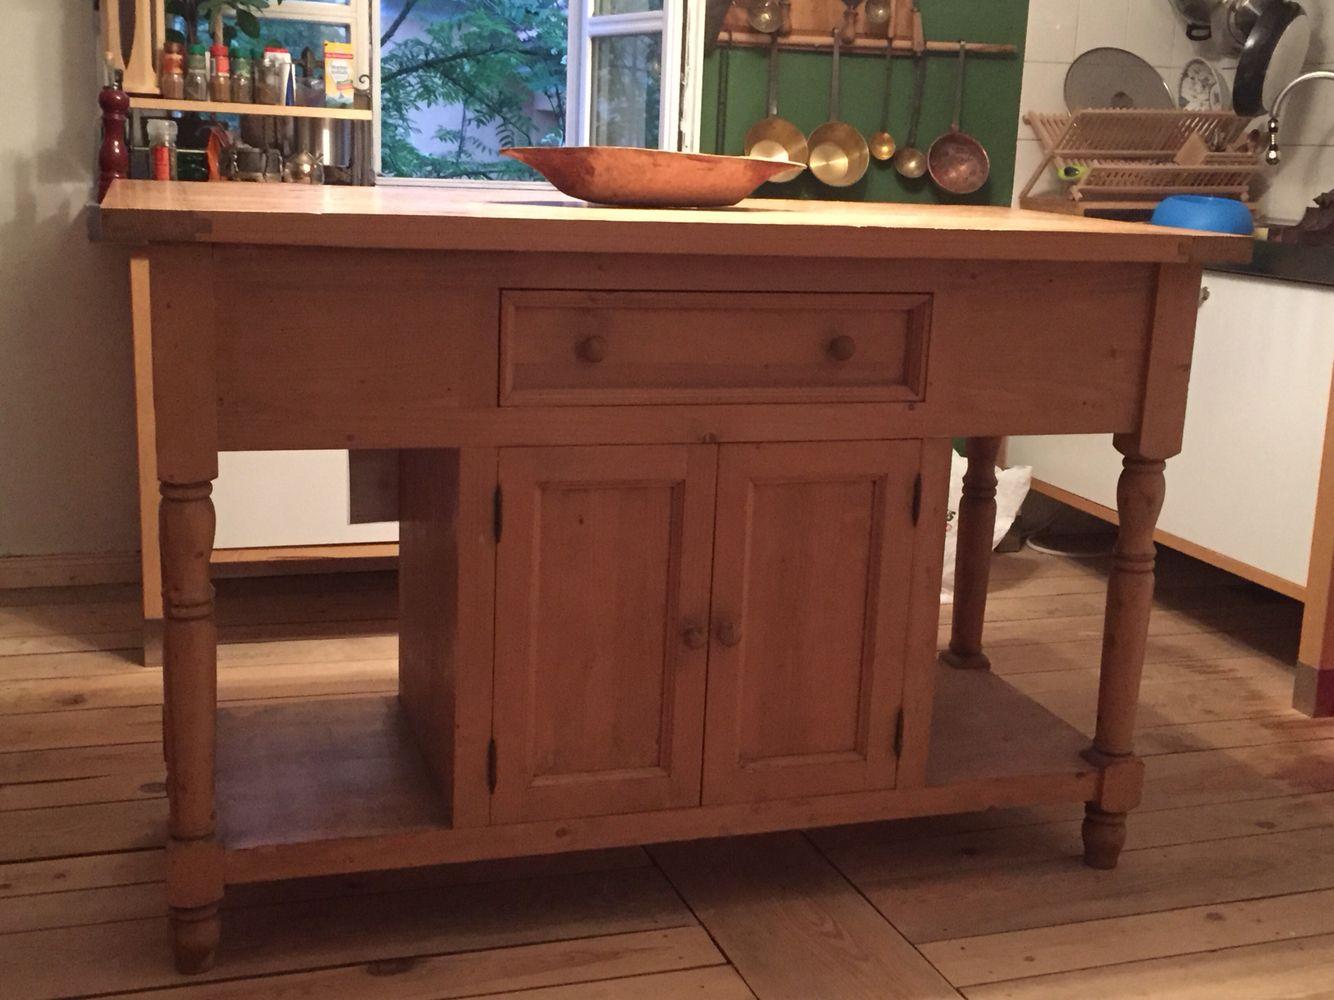 Küche Arbeitstisch   Kuchen Arbeitstisch Aus Weichholz Von Kokoon Shabby Chic